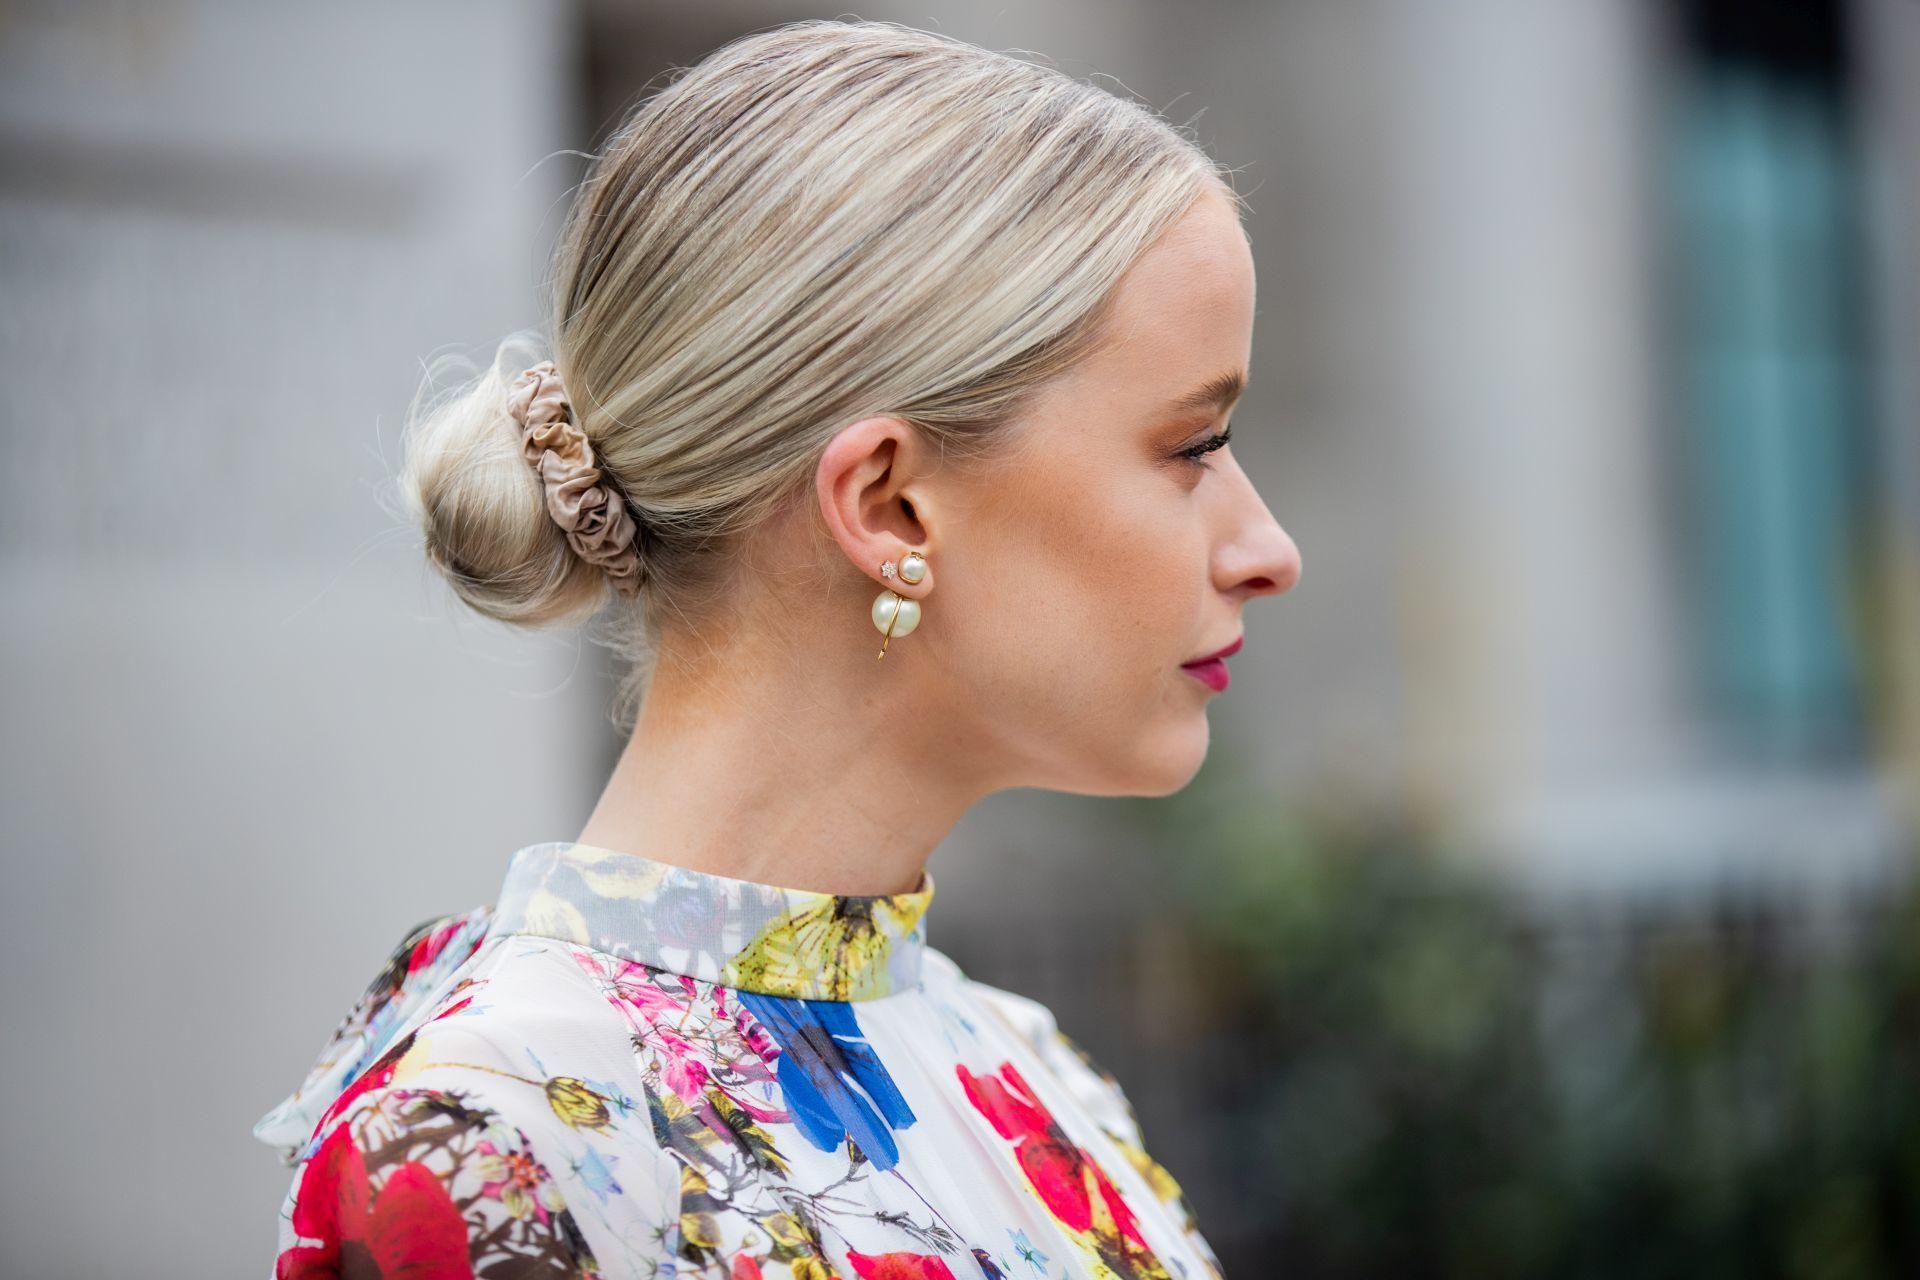 Egy scrunchie-val könnyen kontyba köthetjük úgy a hajunkat, hogy abból ne szökjenek ki a tincsecskék.